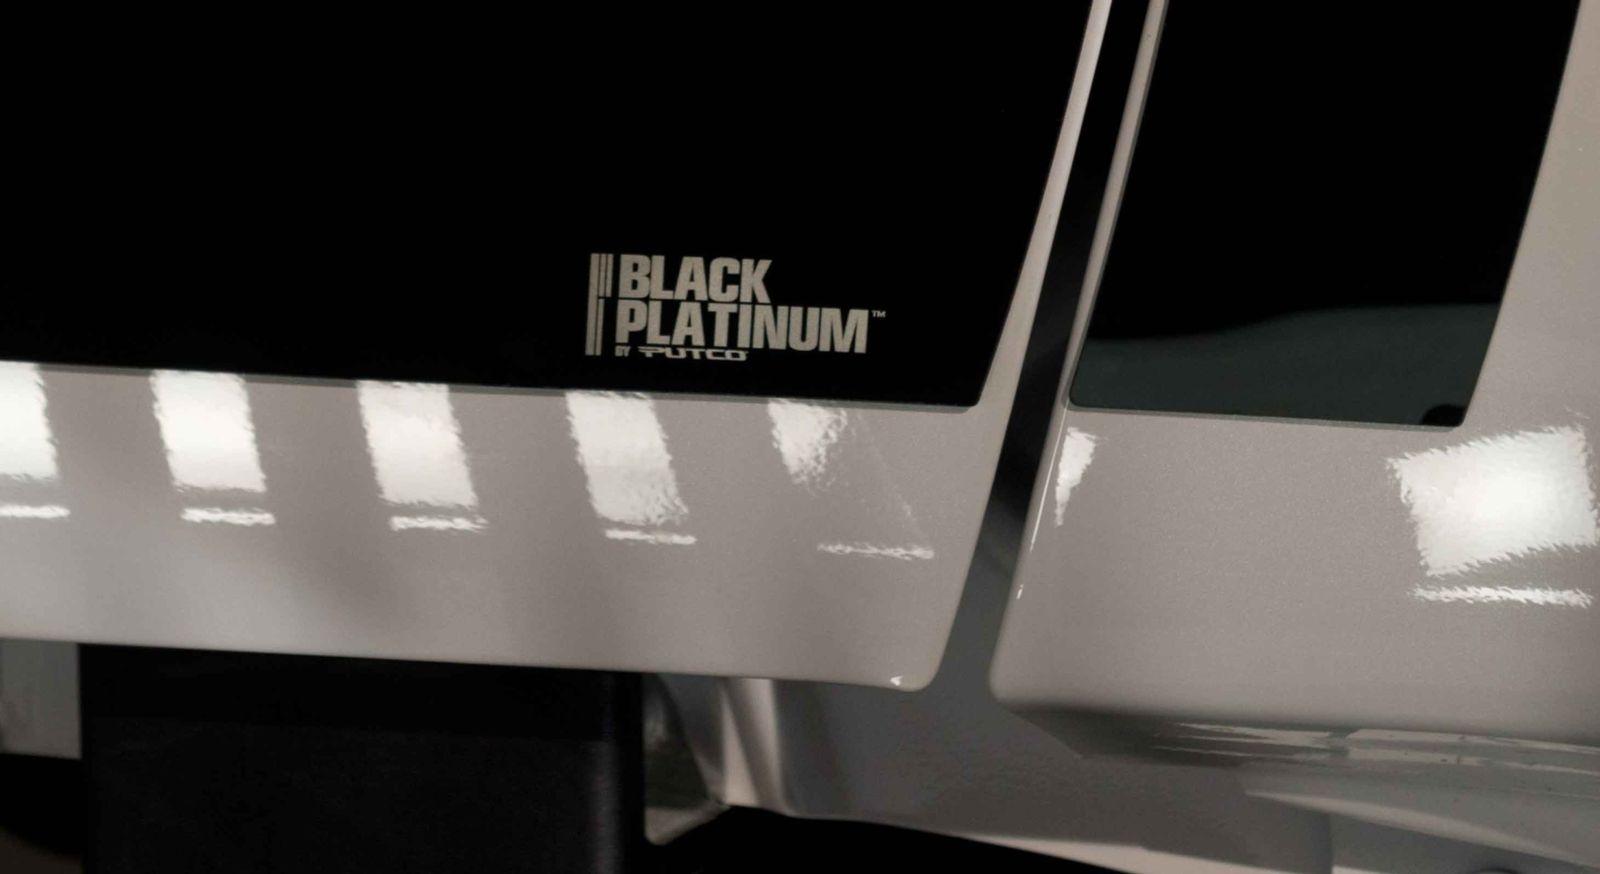 Black Platinum PSG Automotive Outfitters parts